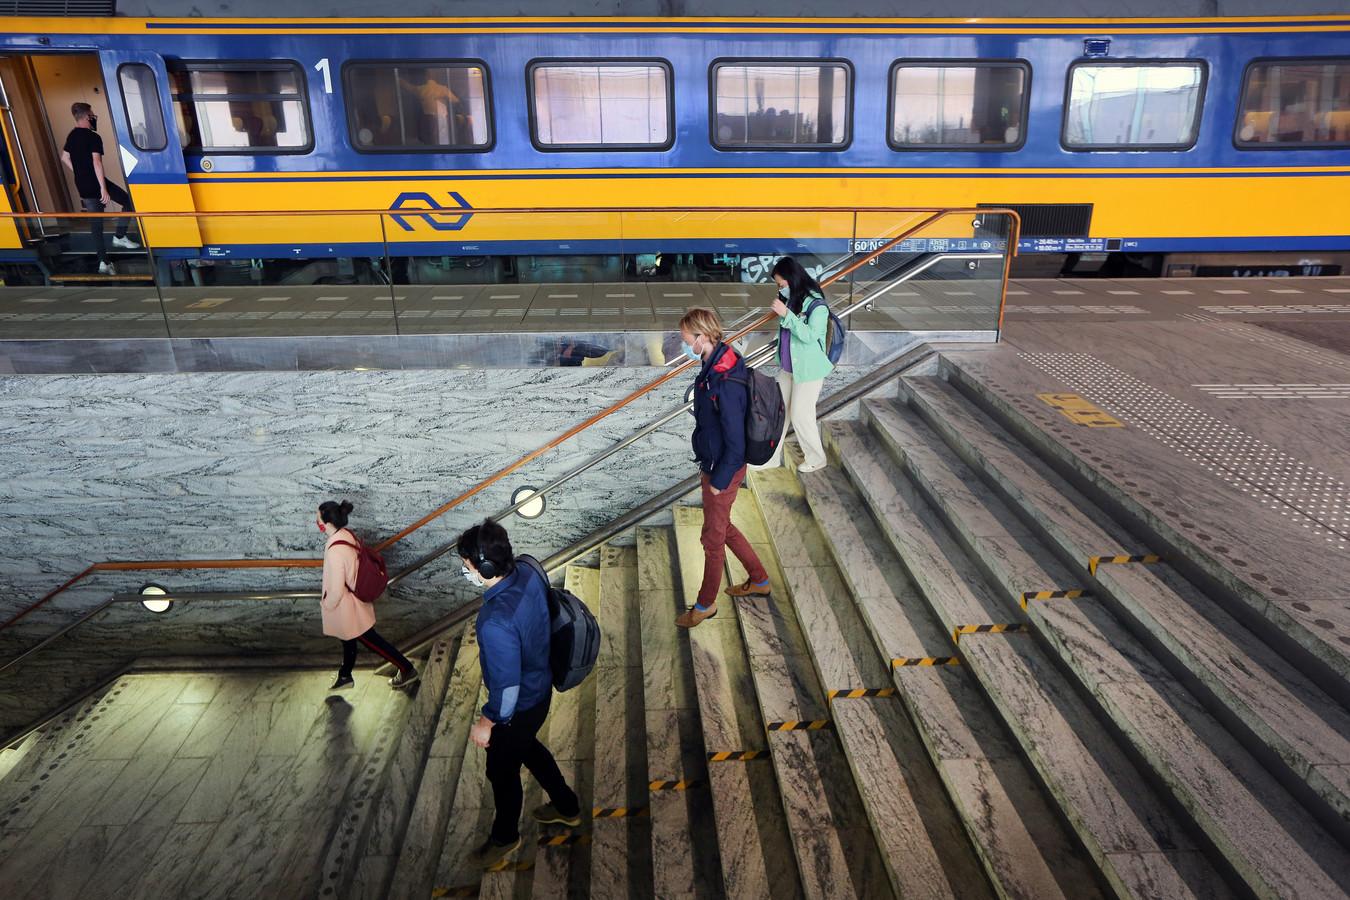 Op het station van Breda is het ook tijdens de spits in coronatijd rustig.